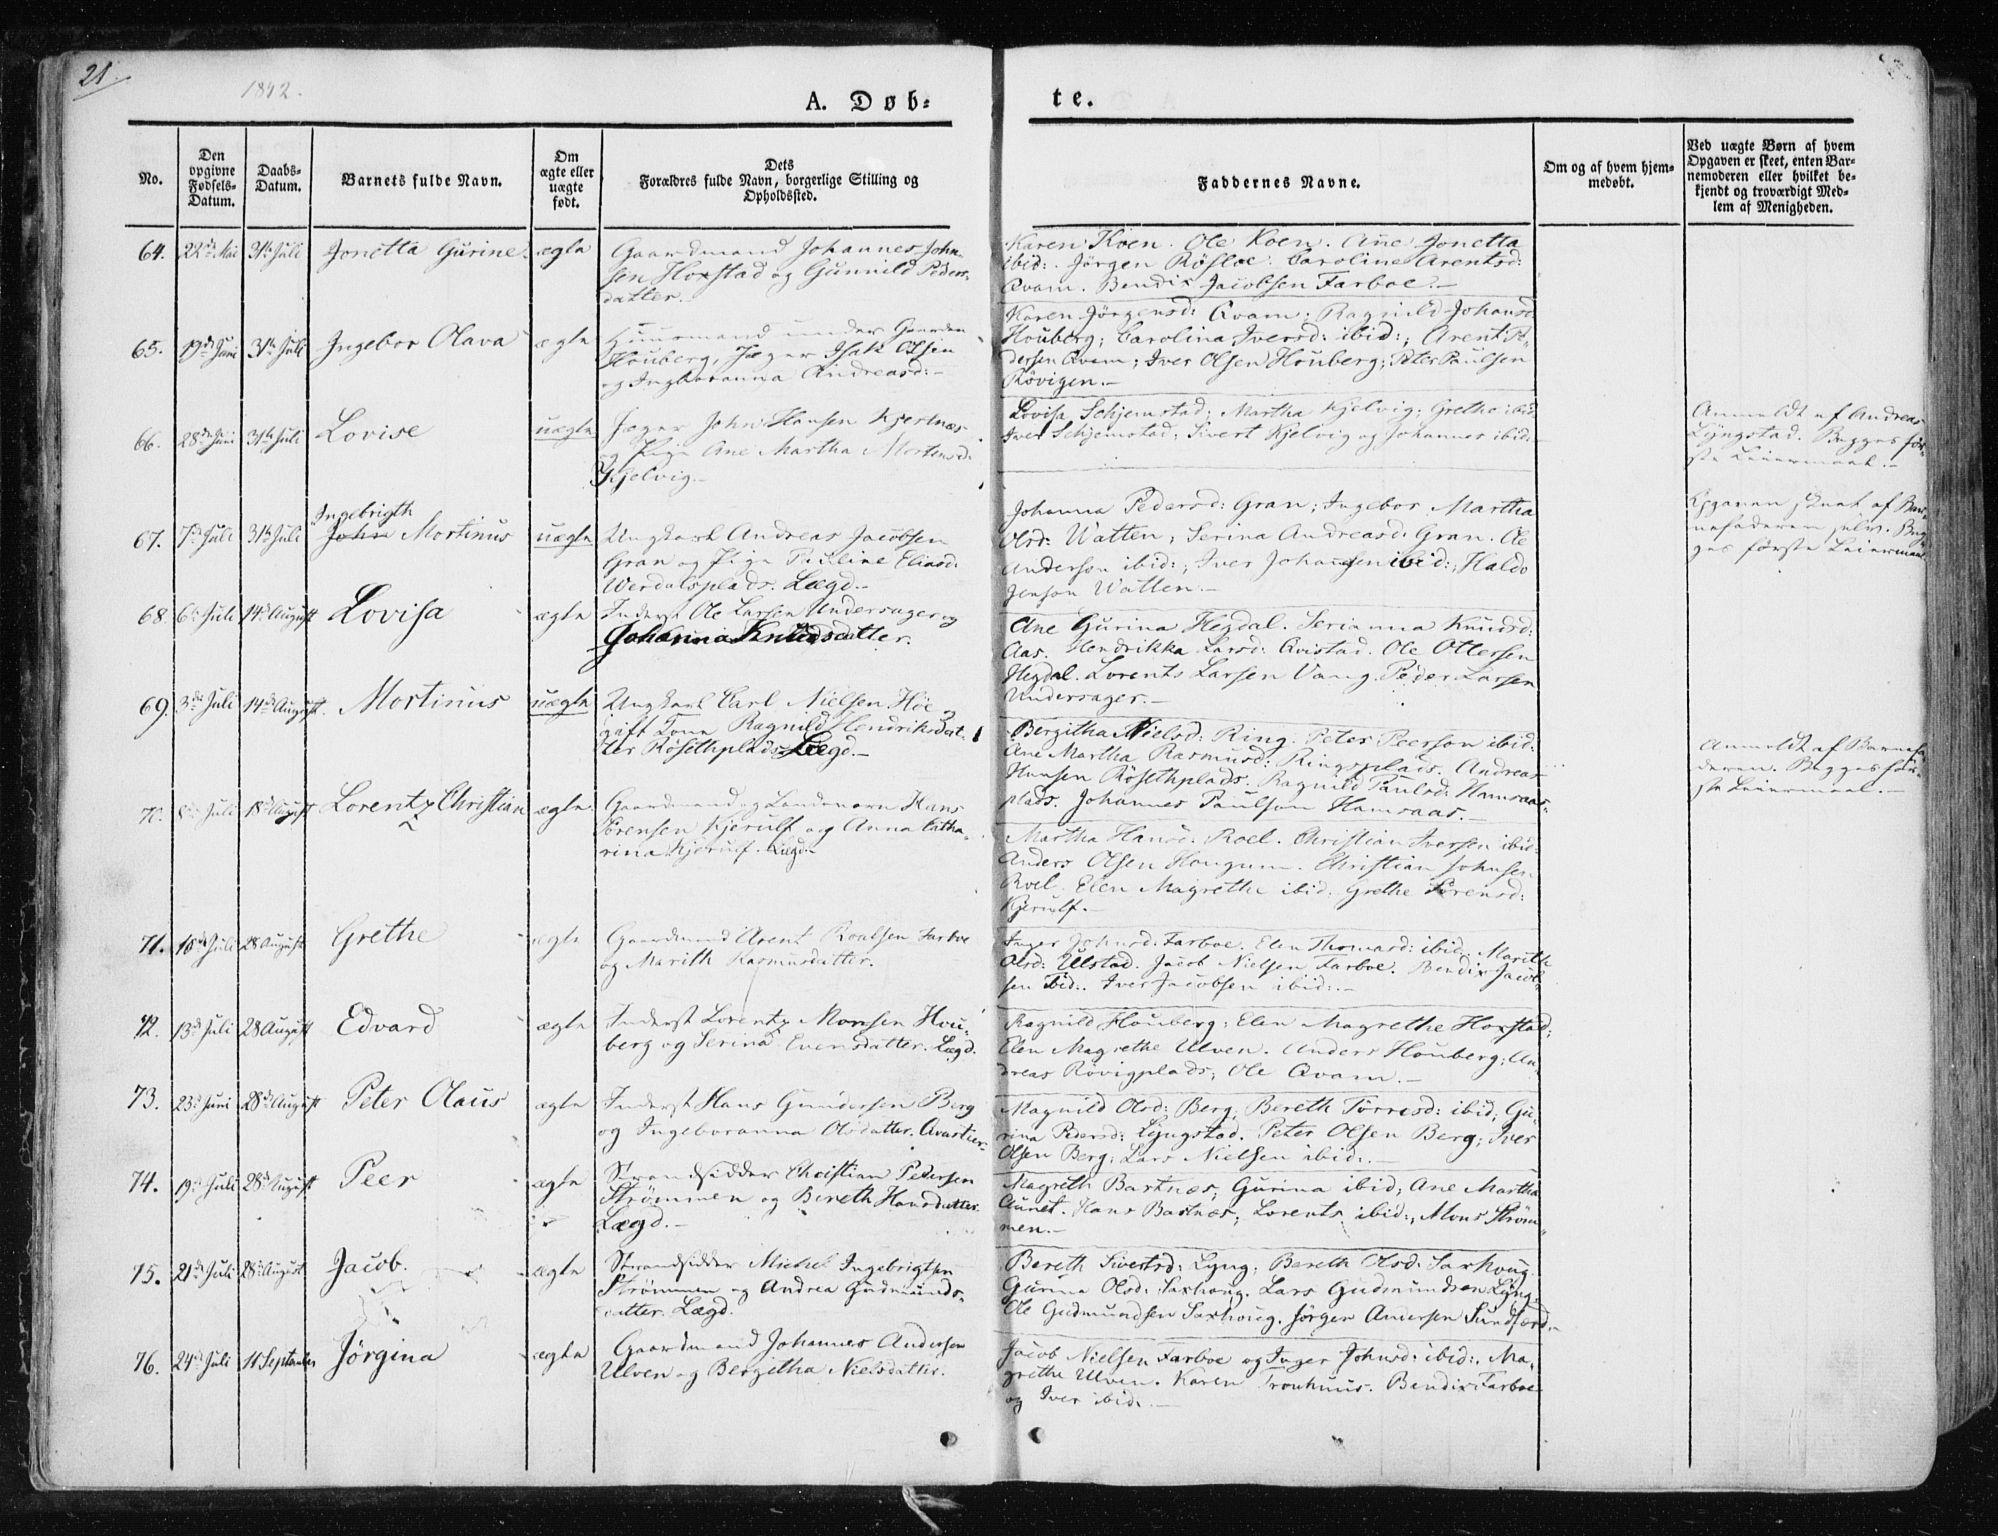 SAT, Ministerialprotokoller, klokkerbøker og fødselsregistre - Nord-Trøndelag, 730/L0280: Ministerialbok nr. 730A07 /1, 1840-1854, s. 21